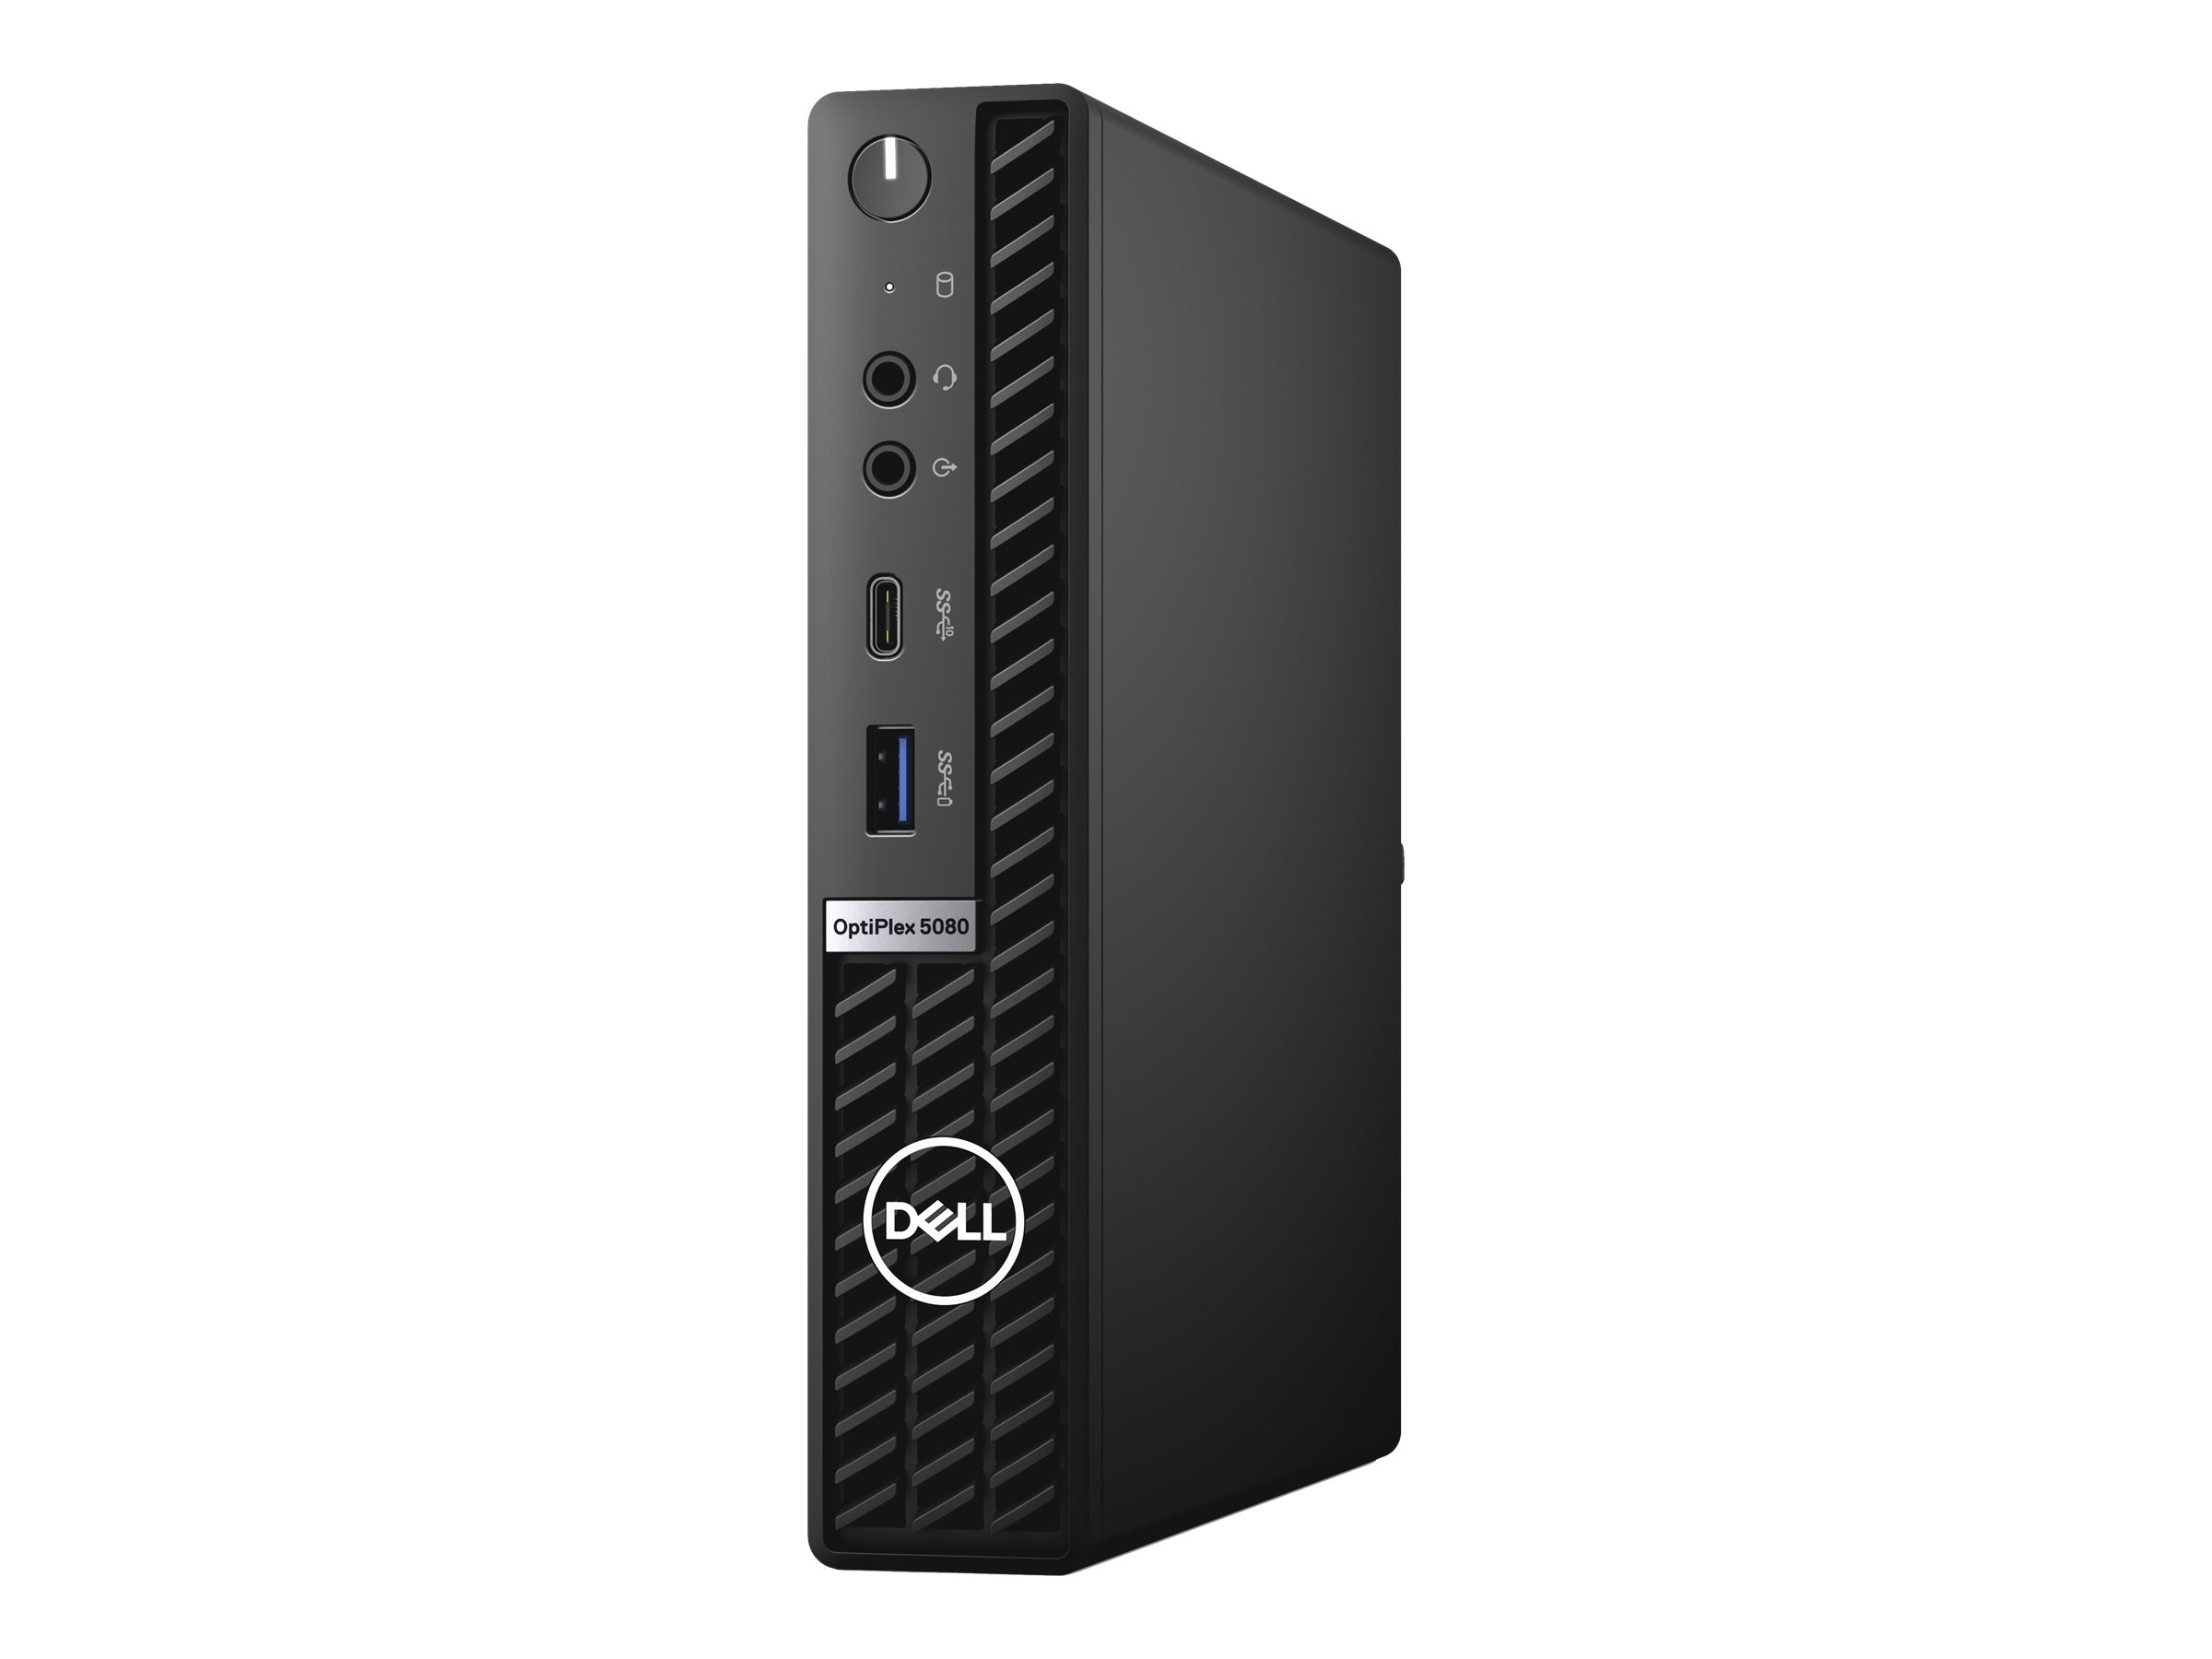 Dell OptiPlex 5080 - micro - Core i5 10500T 2.3 GHz - 8 GB - SSD 128 GB